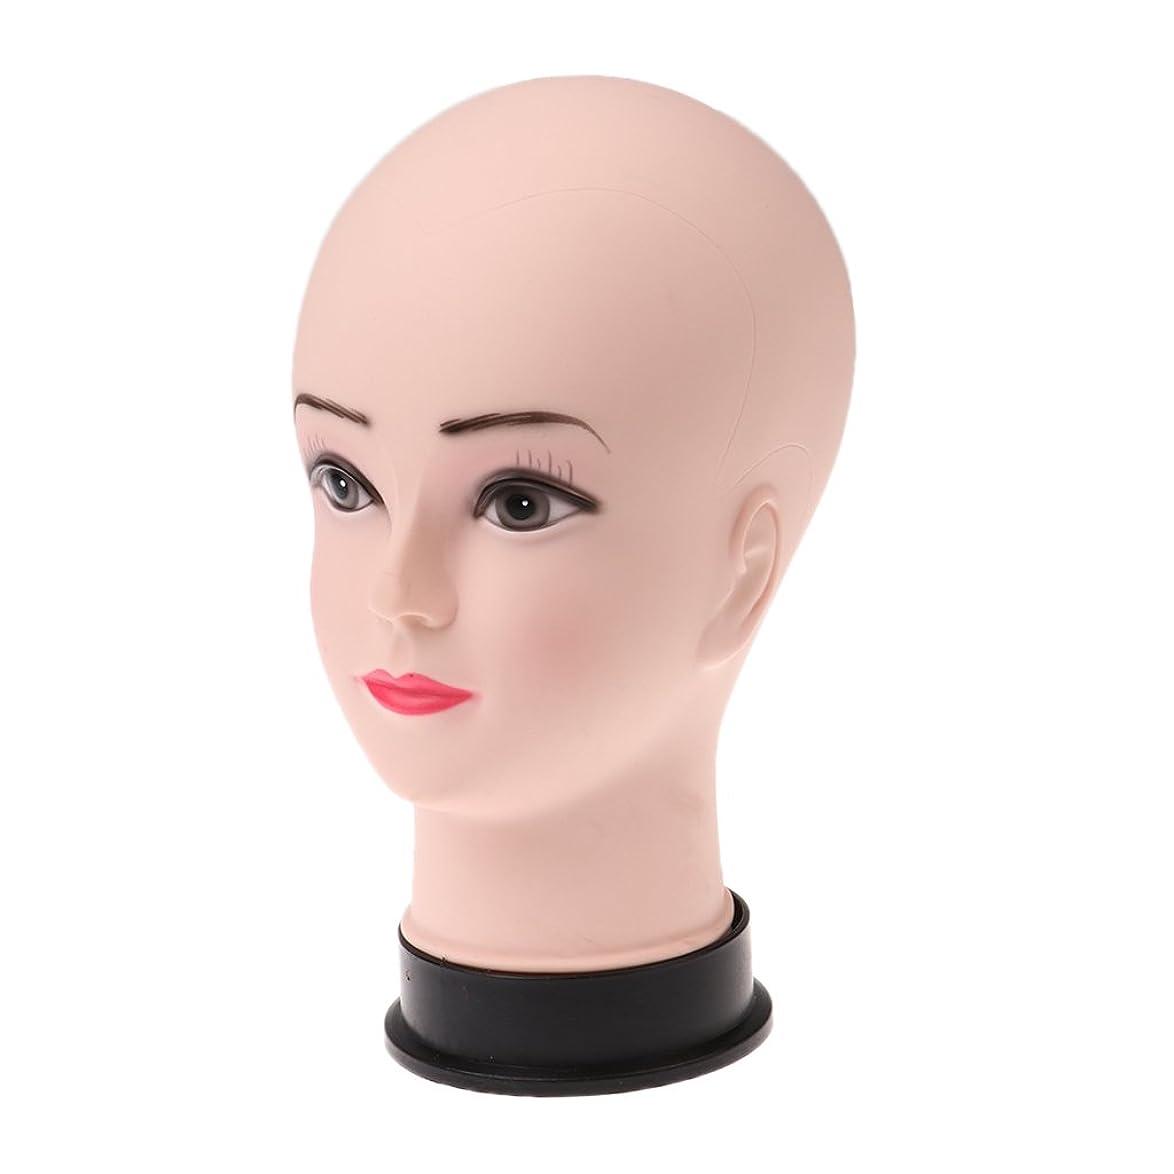 同行援助交差点10.5インチ女性マネキン発泡スチロールPVCヘッドモデルかつら帽子ディス